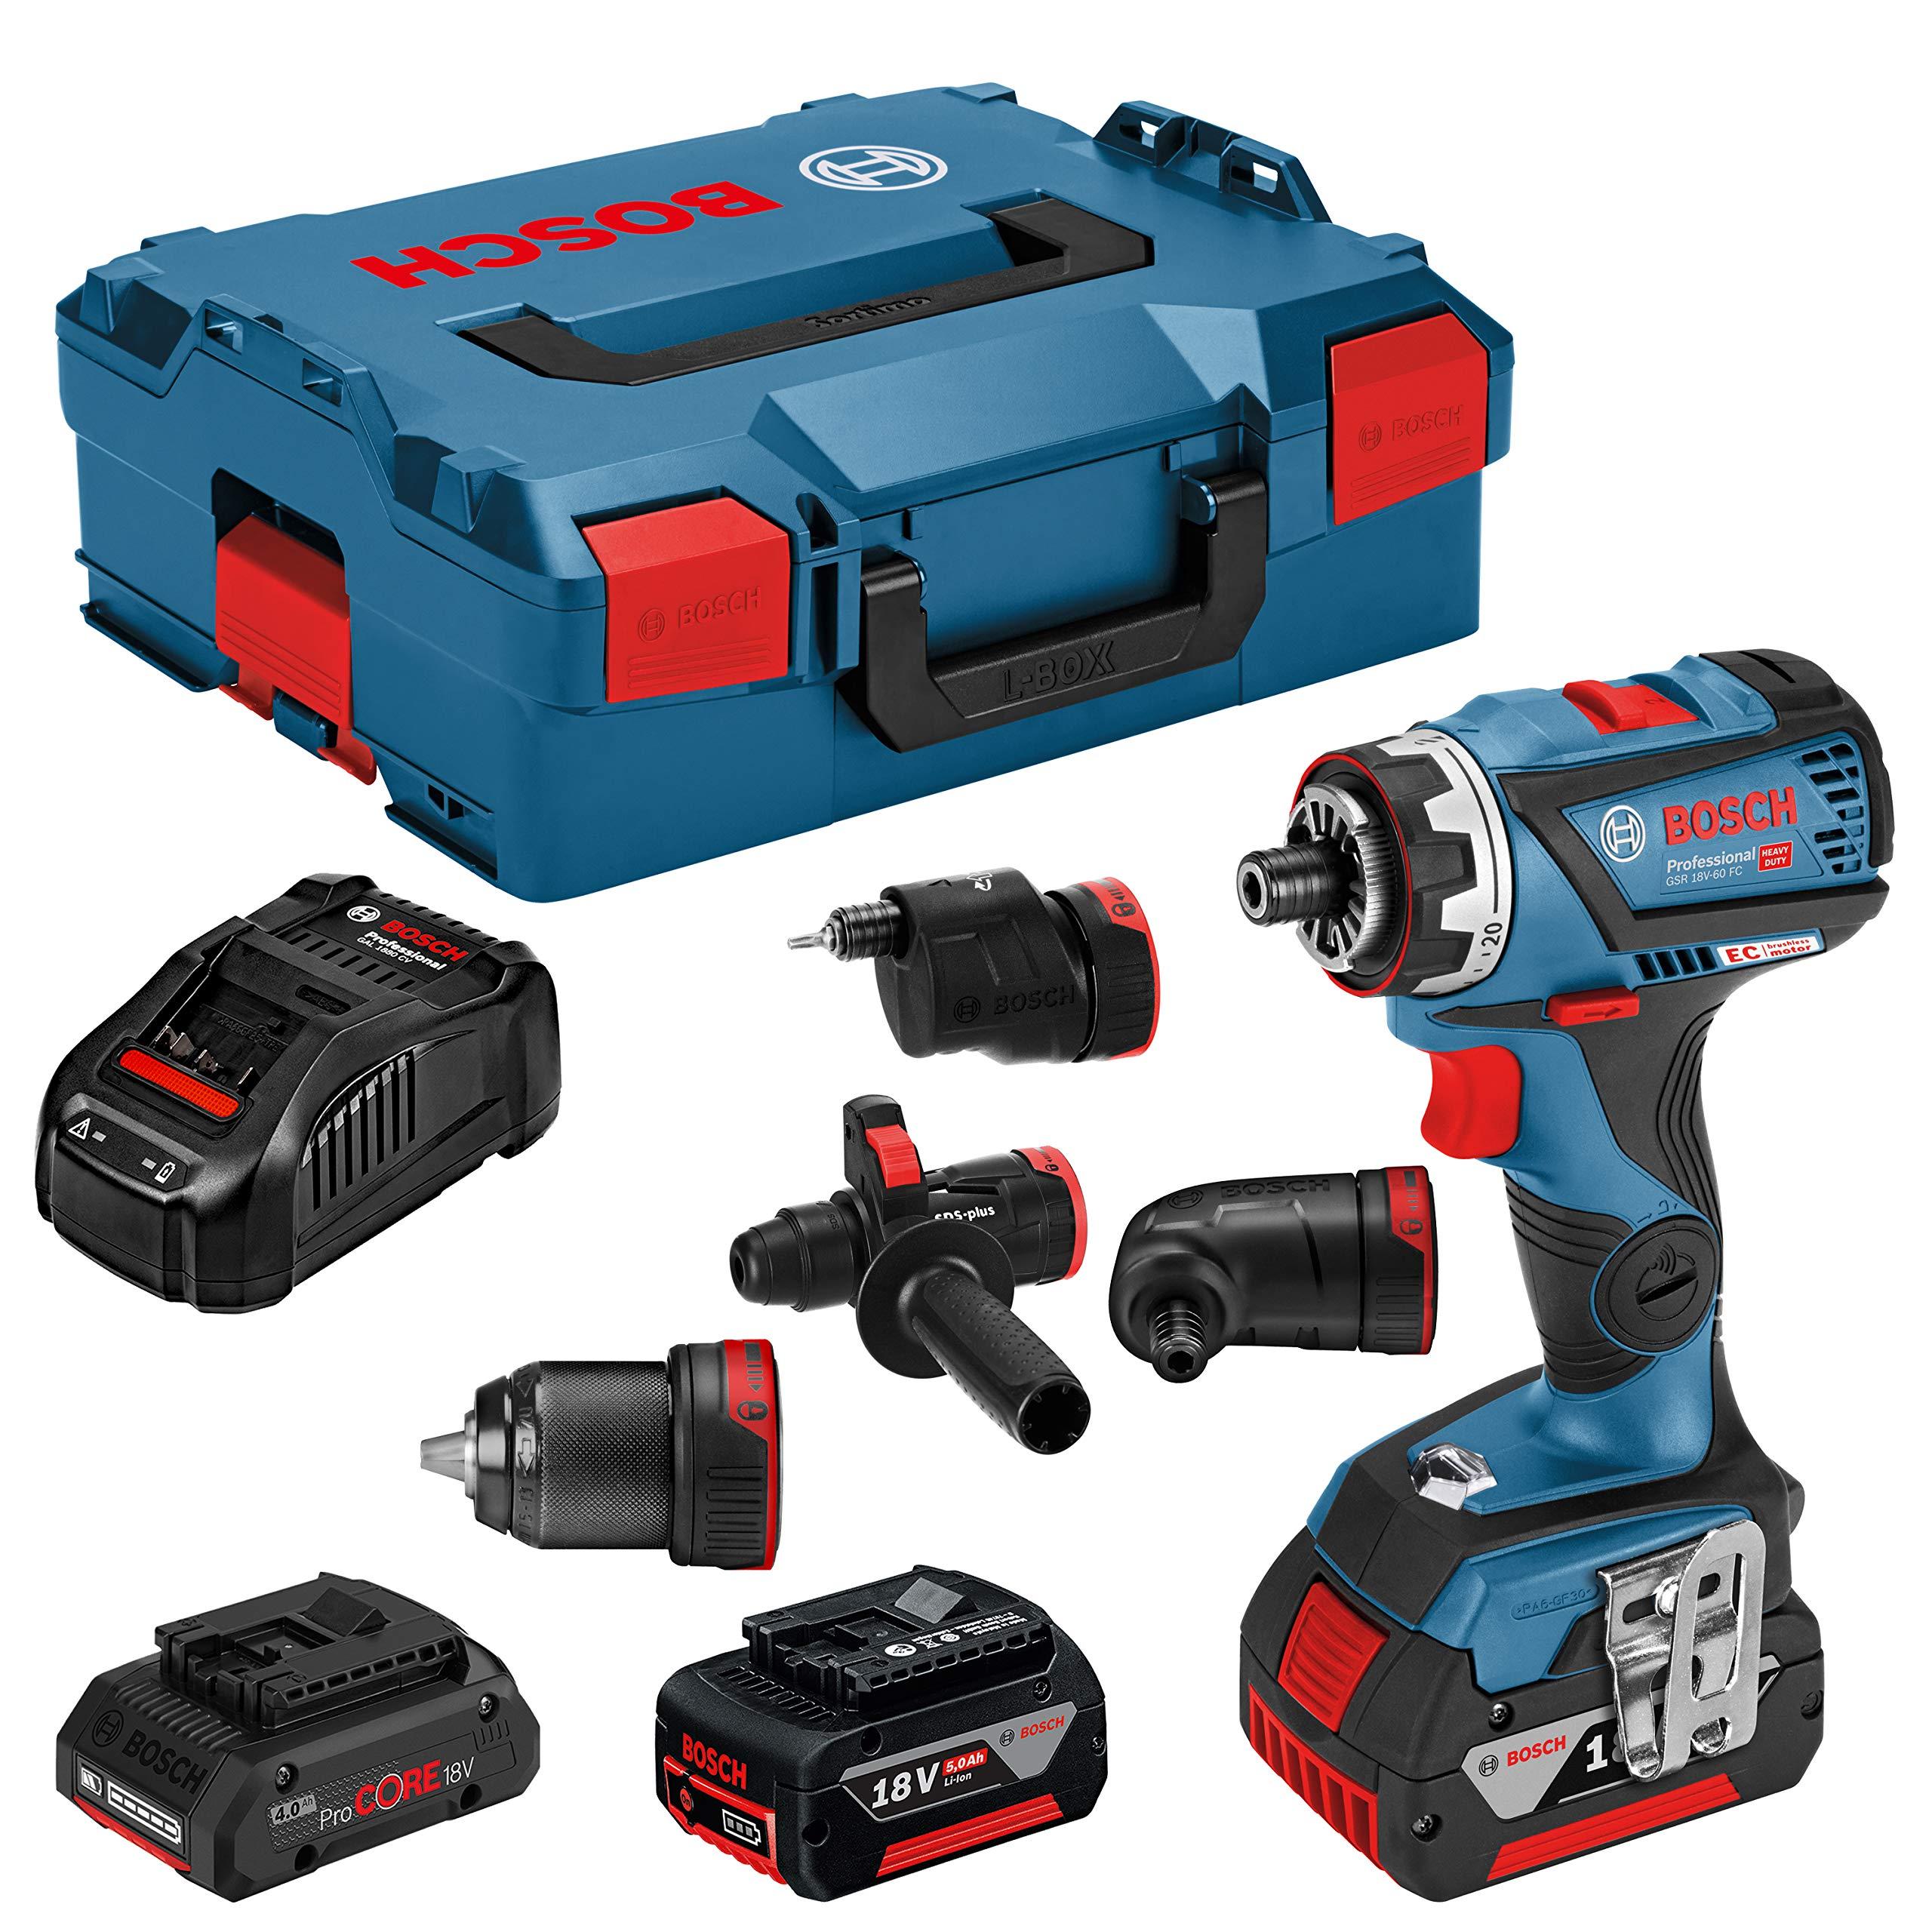 Bosch Professional GSR 18V-60 FC + ProCORE18V 4.0Ah Akku-Bohrschrauber 18V 5Ah Li-Ion Incl. 3. batería Recargable,: Amazon.es: Bricolaje y herramientas